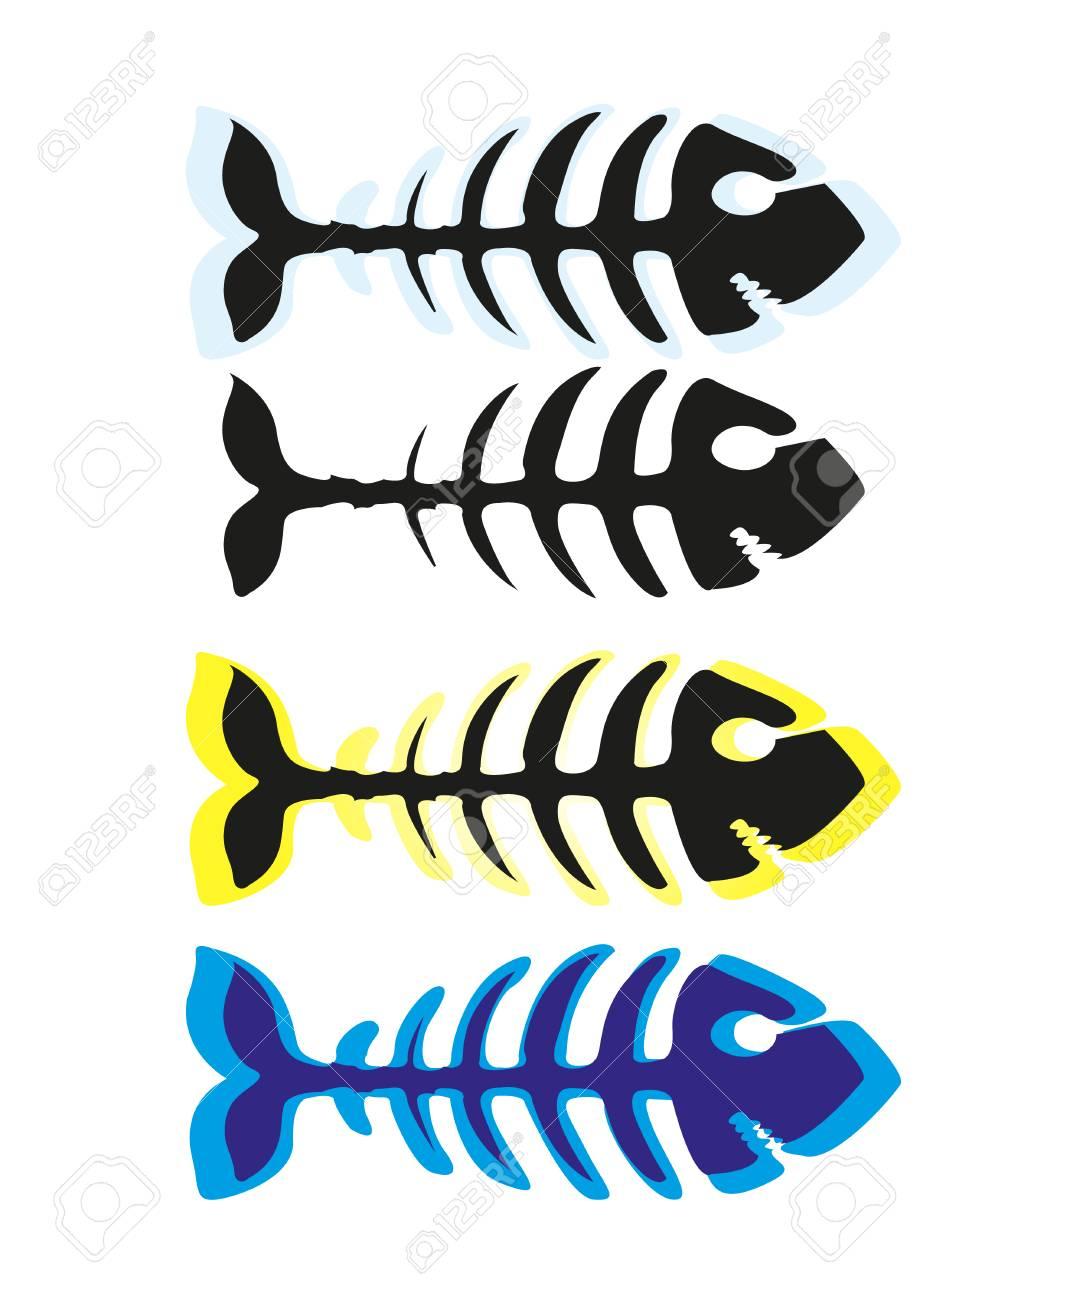 Fish skeleton icon illustration isolated on white background - 126086840